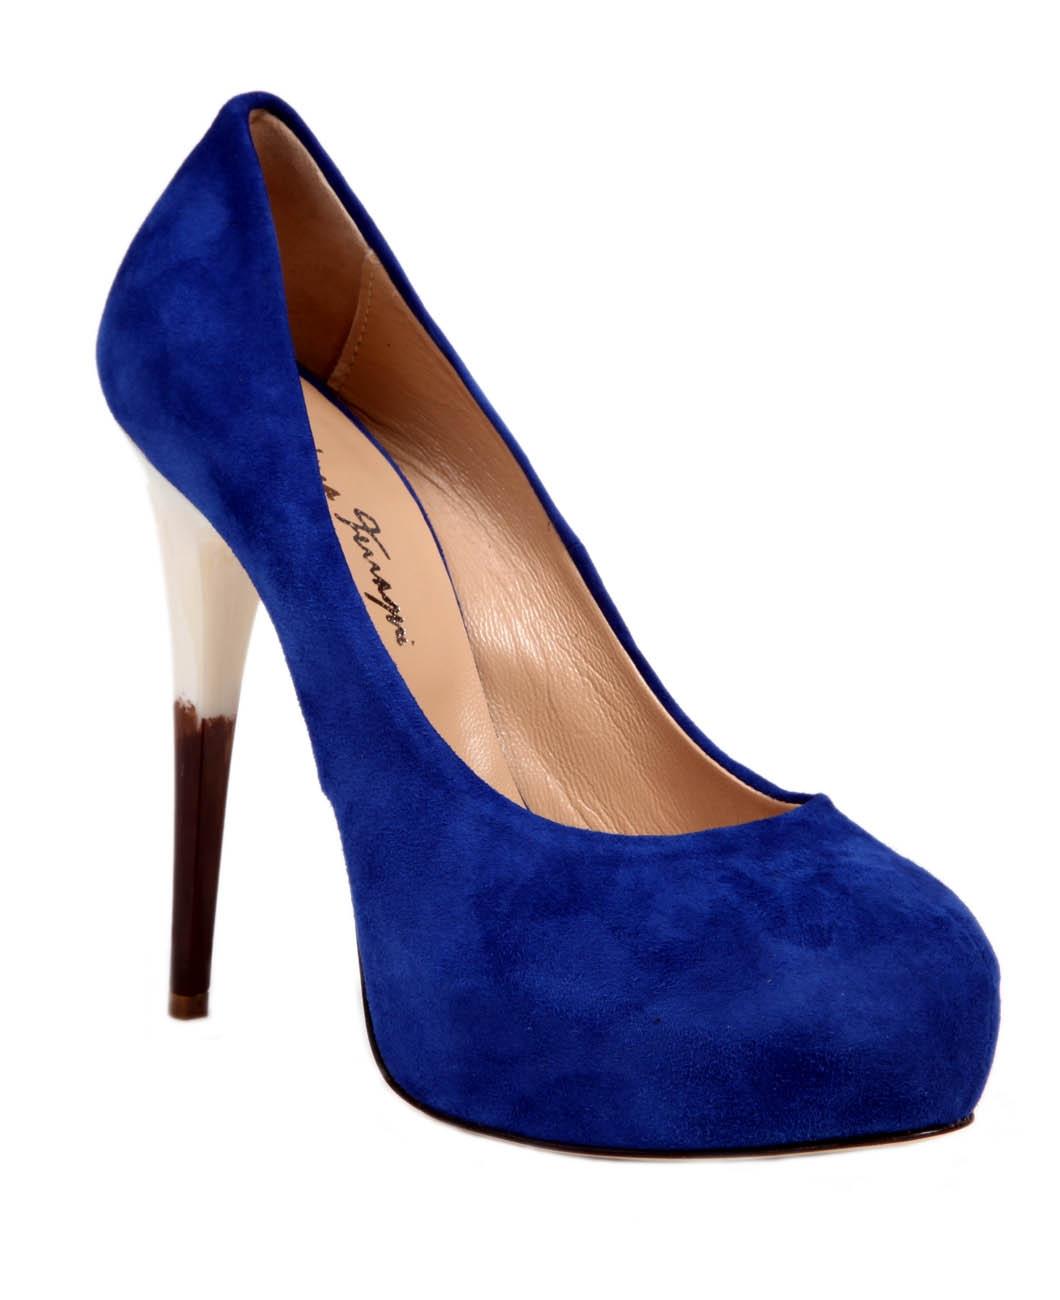 Ecco Shoes Price Philippines